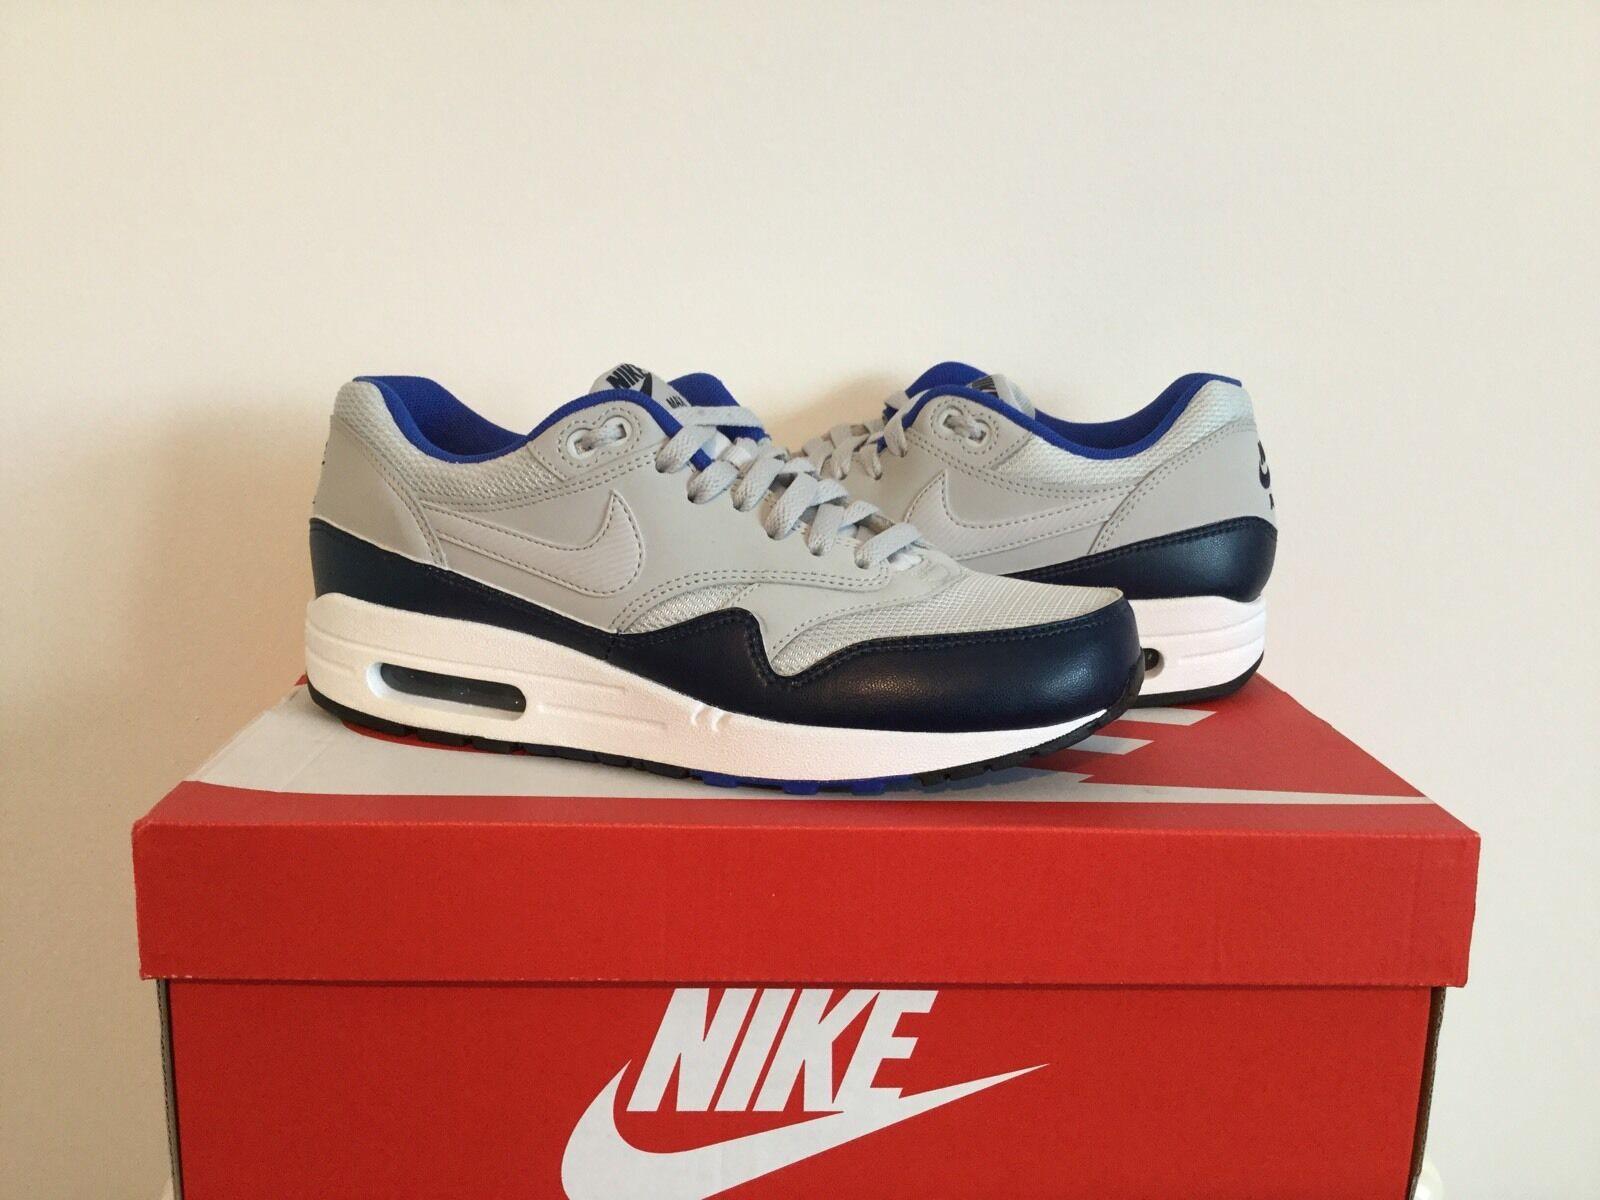 Nike Nike Nike Max 1 essenziale Air ~ 537383 023 ~ U.K. taglia 6 | A Basso Prezzo  | Maschio/Ragazze Scarpa  | Uomini/Donna Scarpa  3db4b3